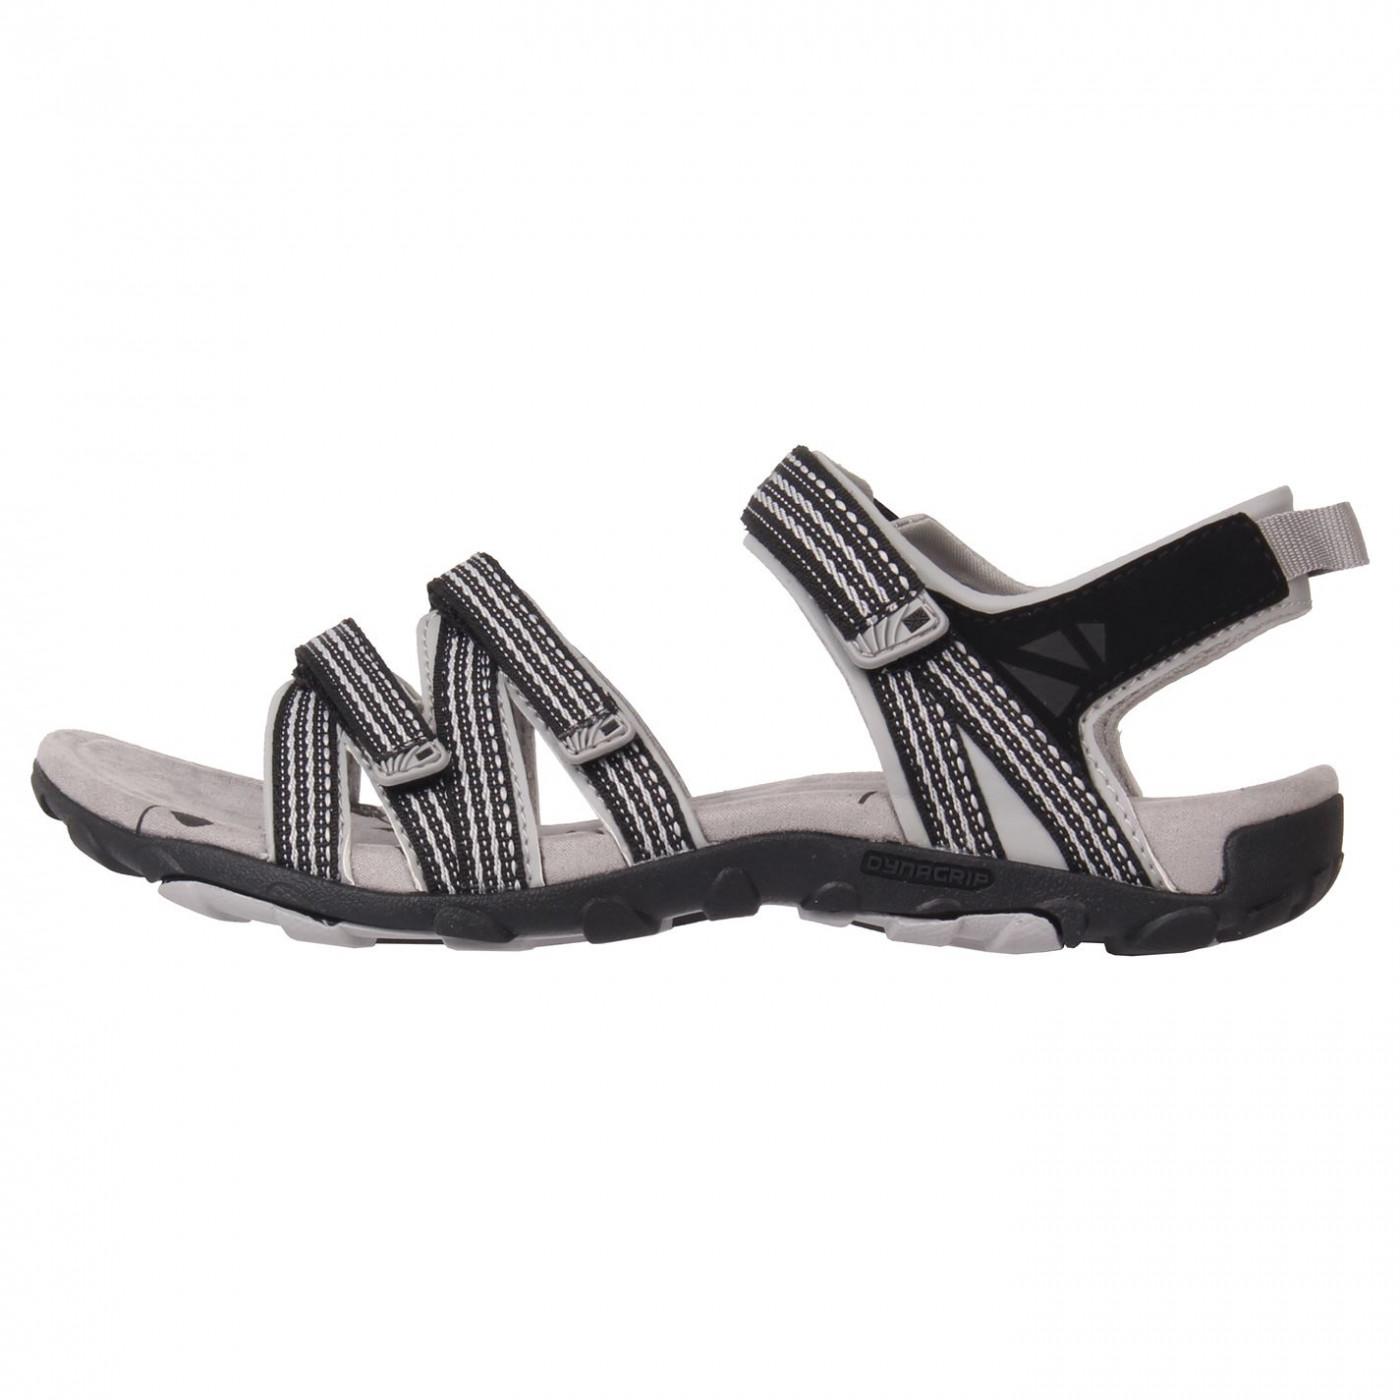 Karrimor Tuvalu Ladies Sandals